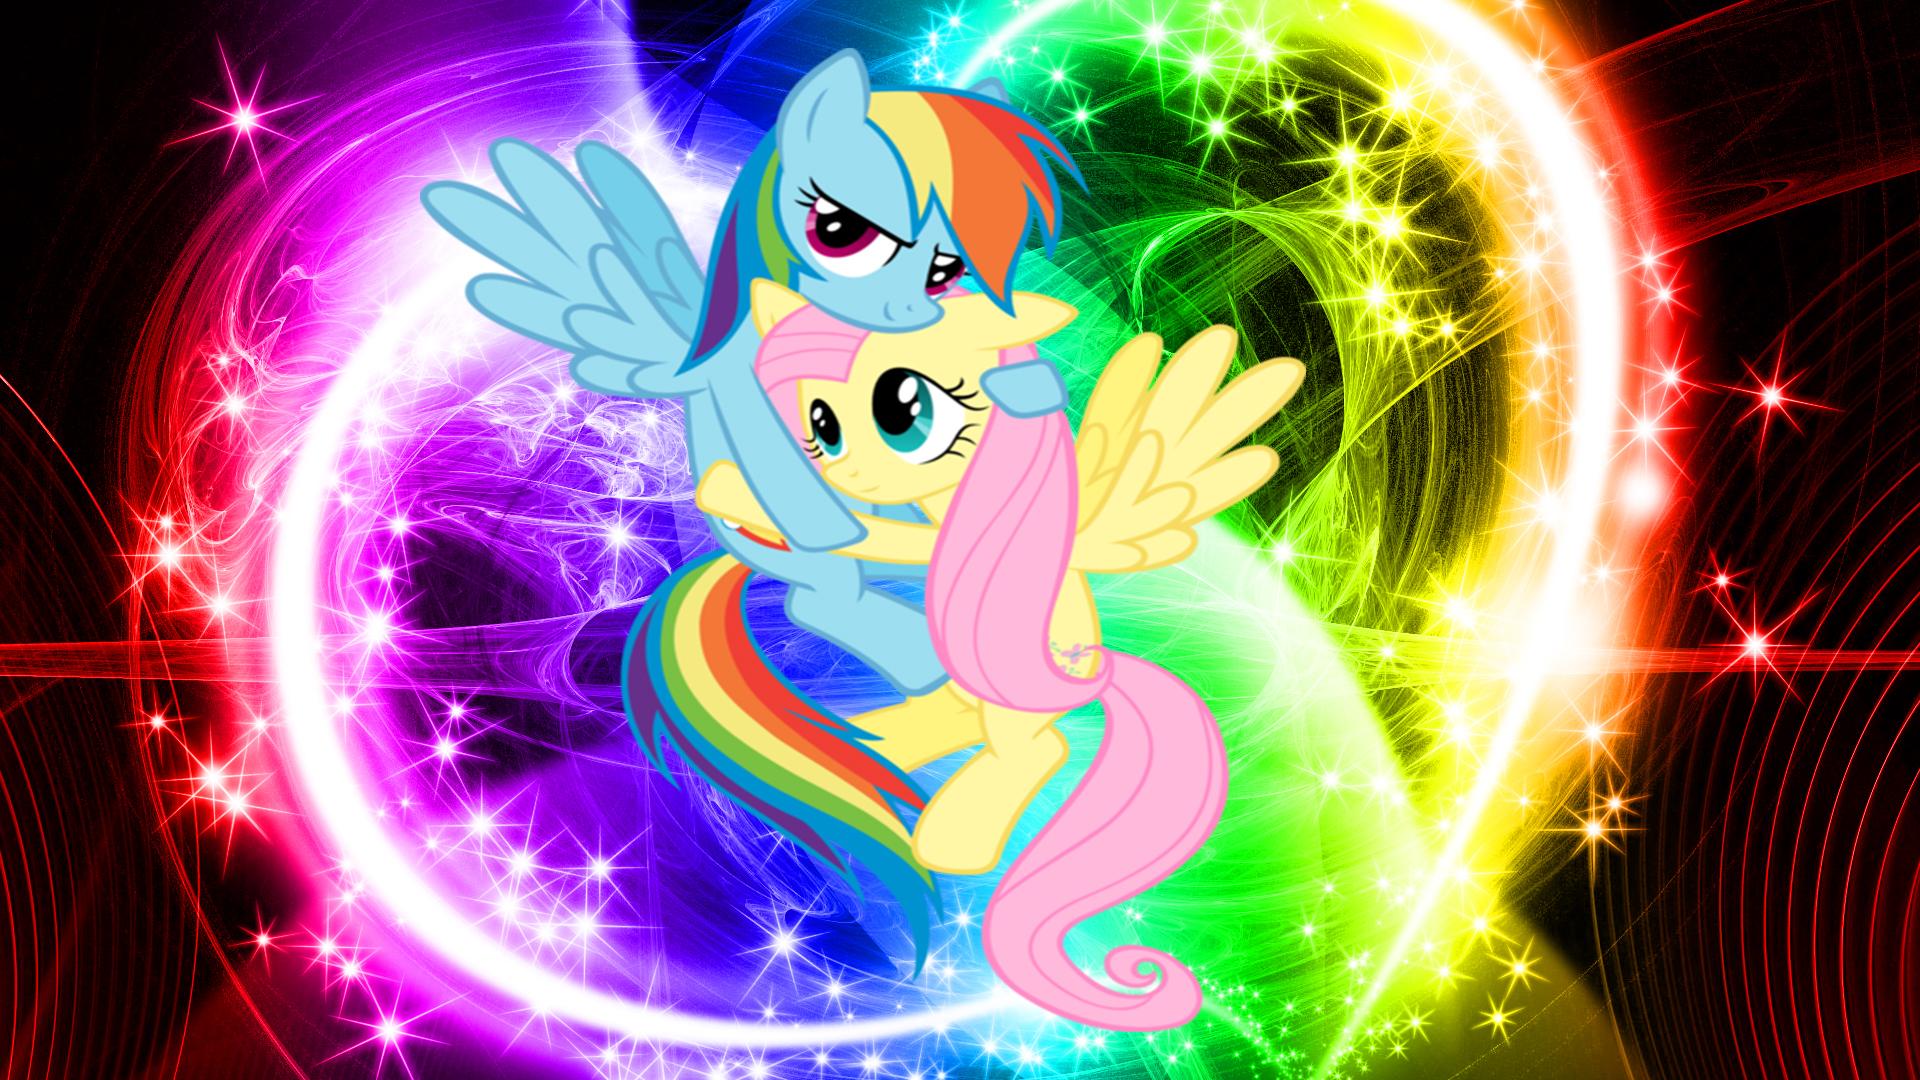 FluttershyXRainbow Dash (Wallpaper) by Hardii